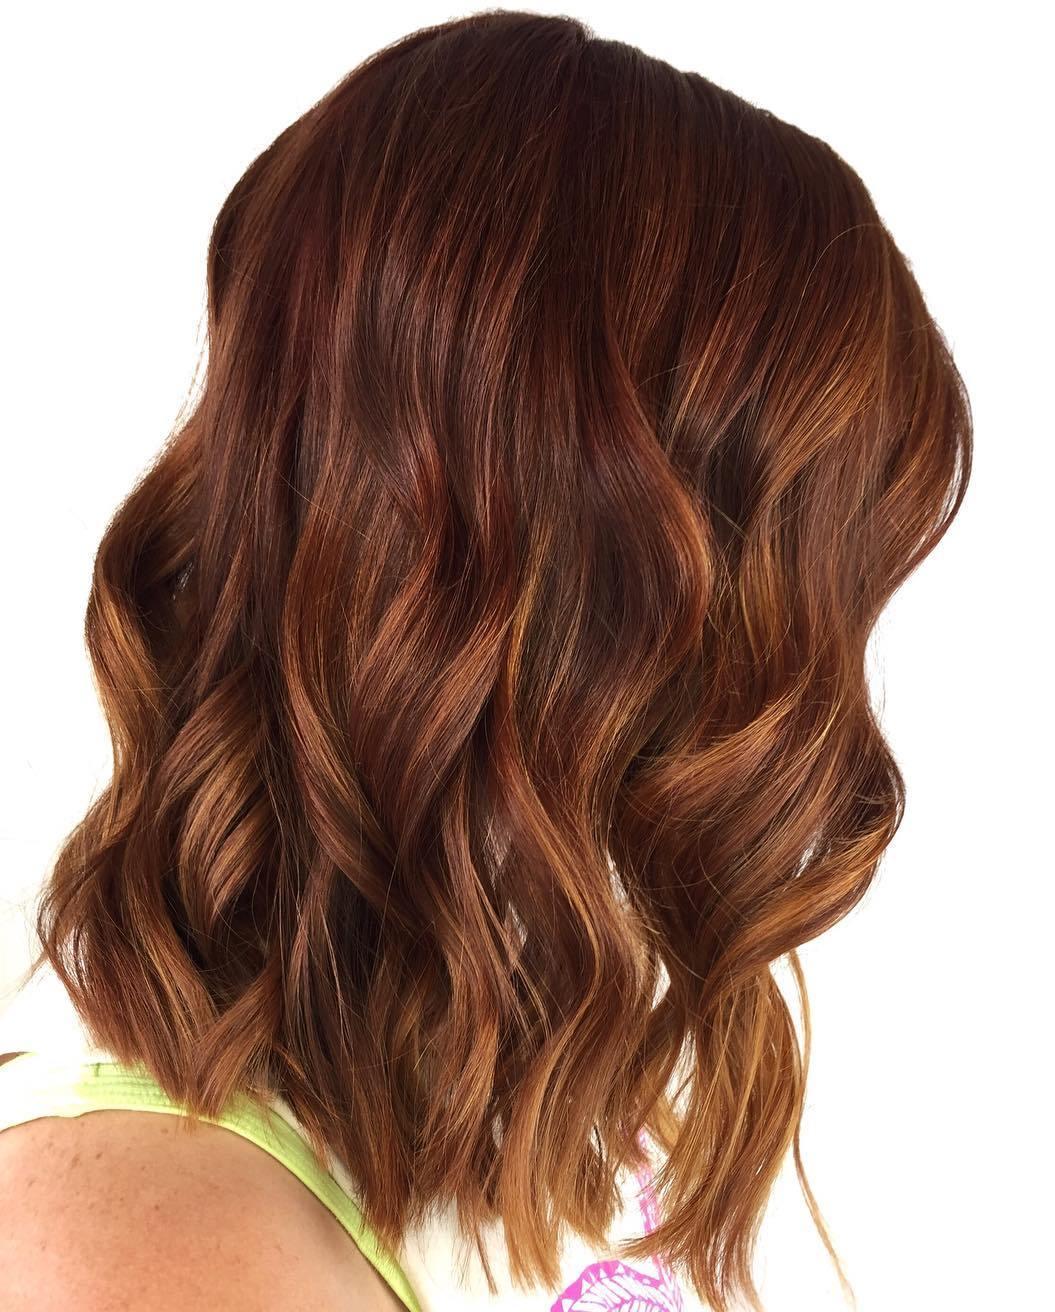 60 couleurs de cheveux auburn pour souligner votre individualite 5e428182d8167 - 60 couleurs de cheveux Auburn pour souligner votre individualité